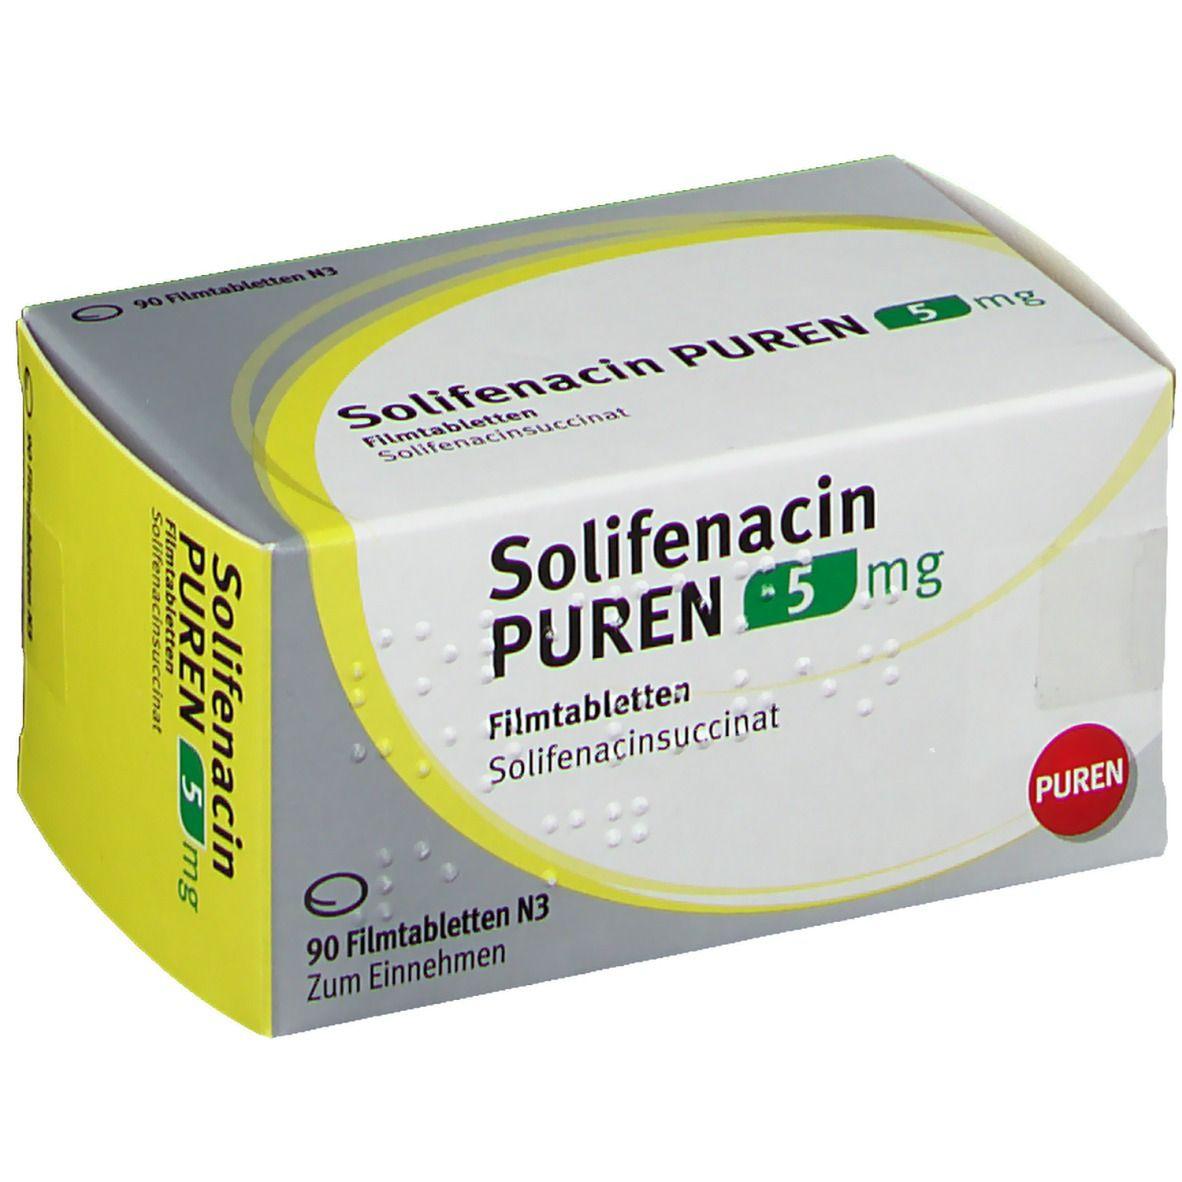 SOLIFENACIN PUREN 5 mg Filmtabletten